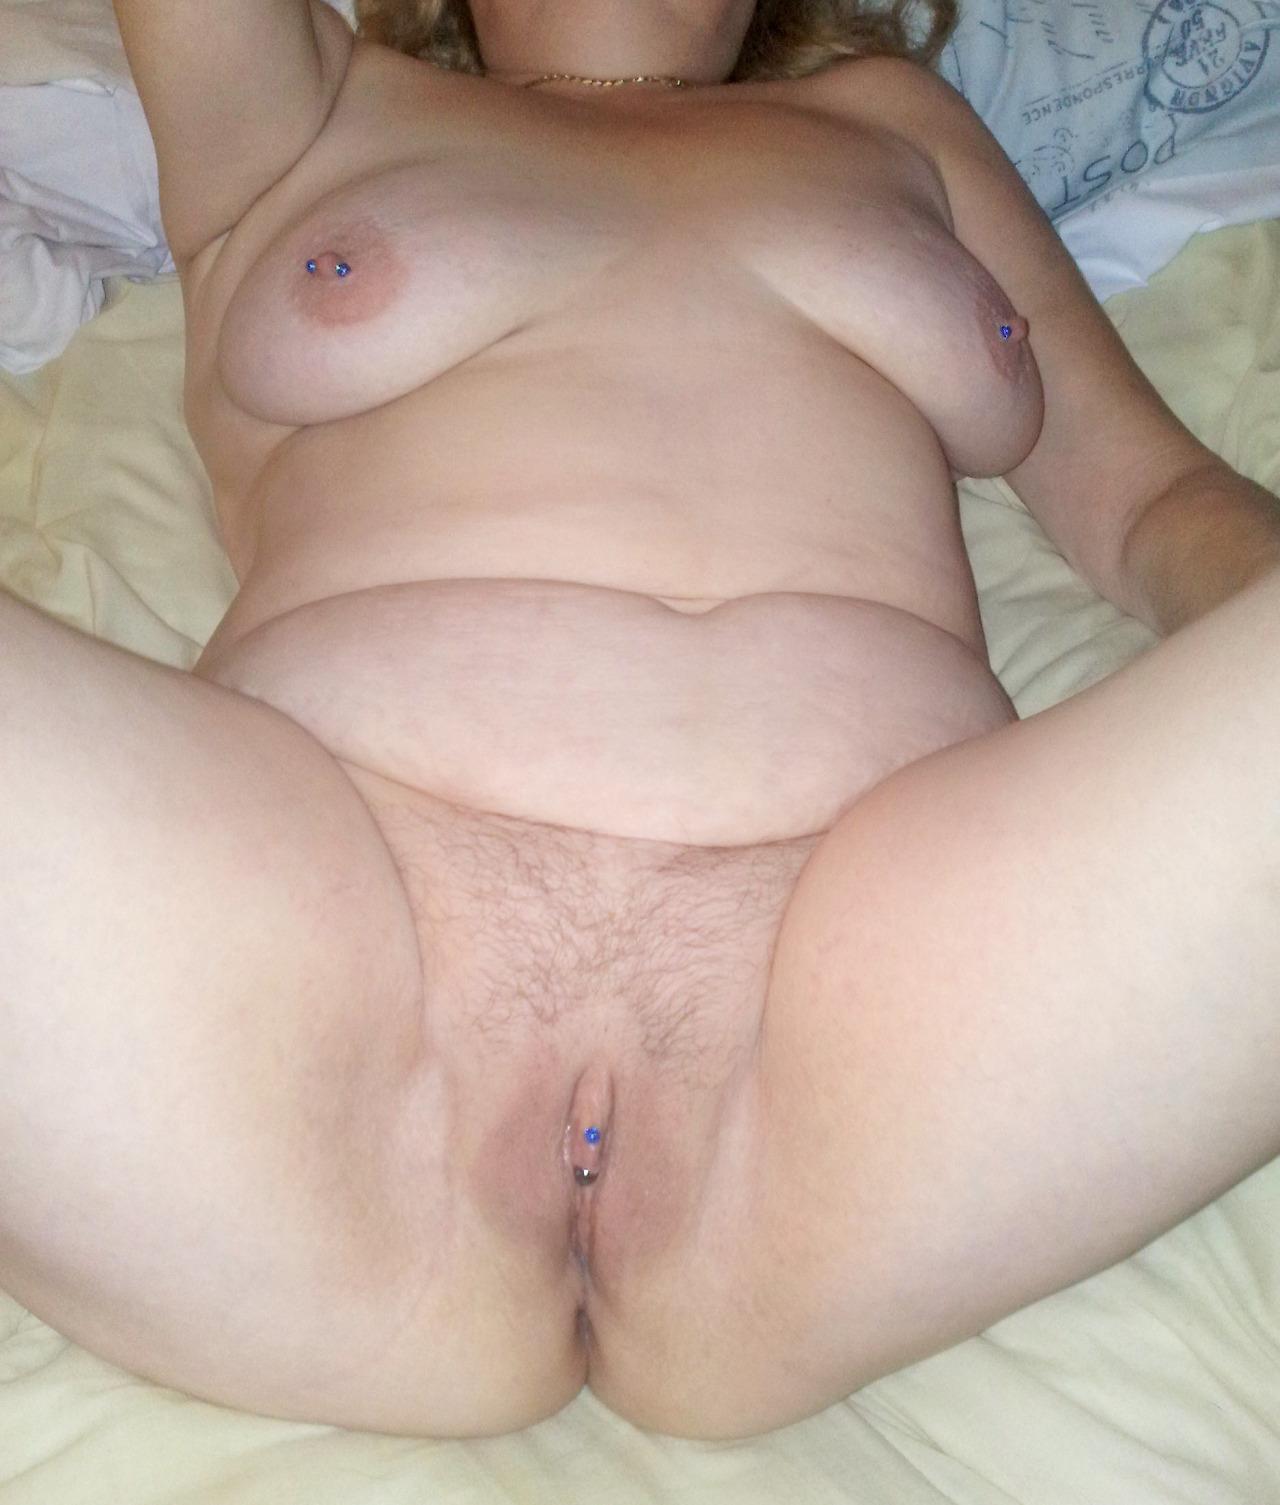 grote kale kut sex gluurders